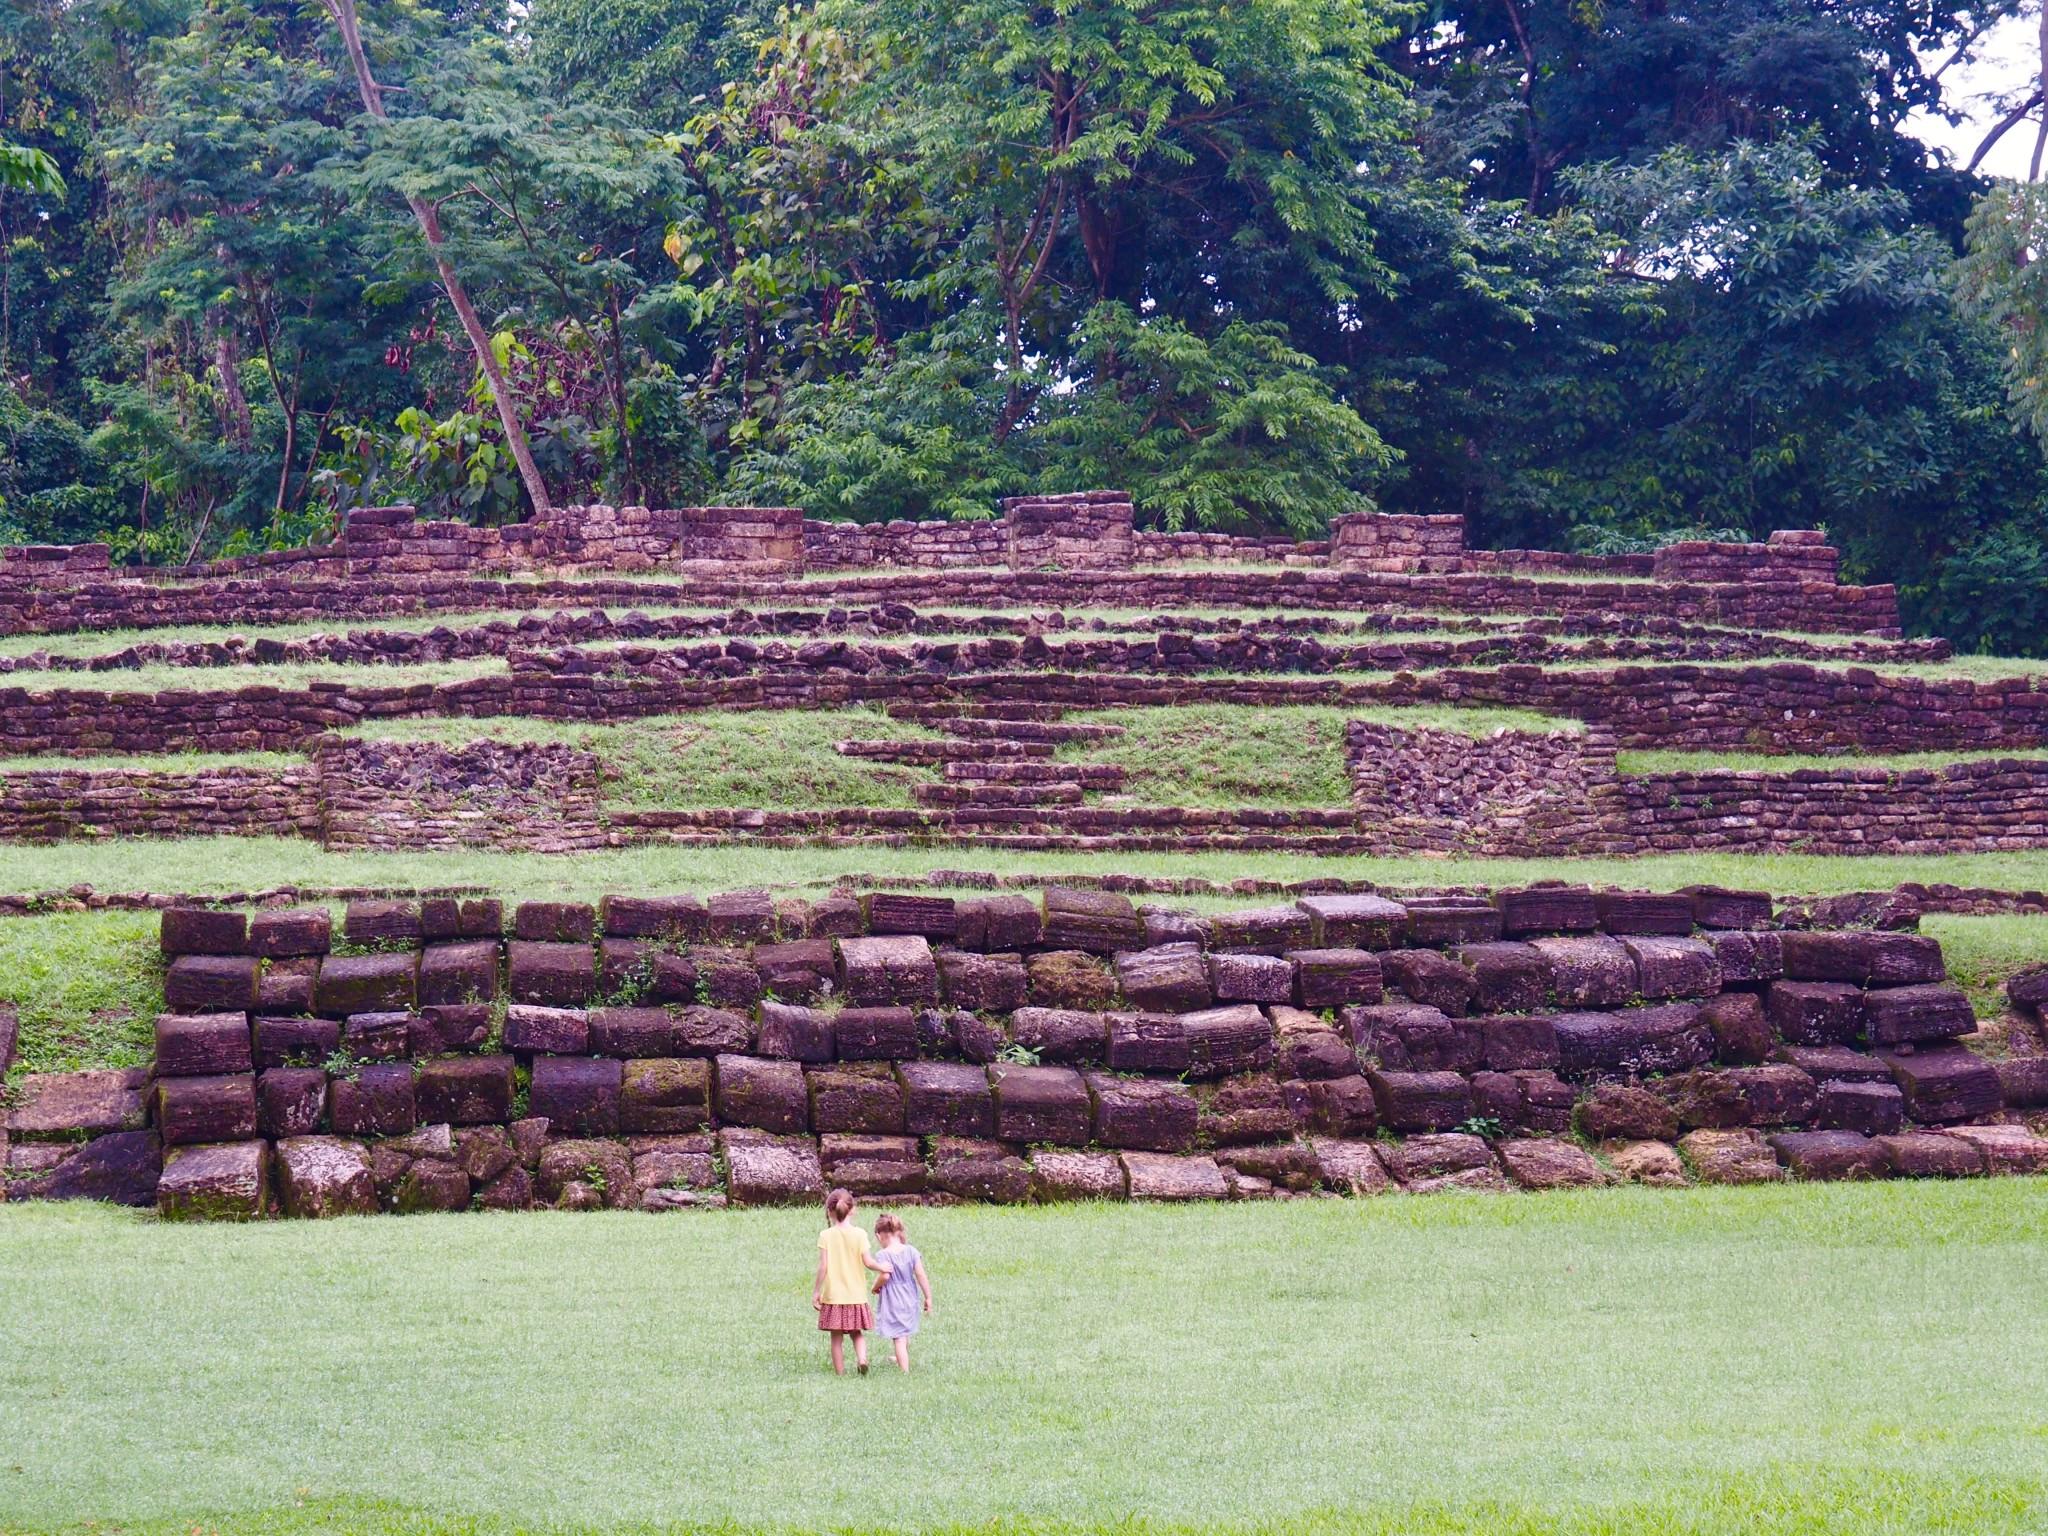 Auf eigene Faust durch Palenque